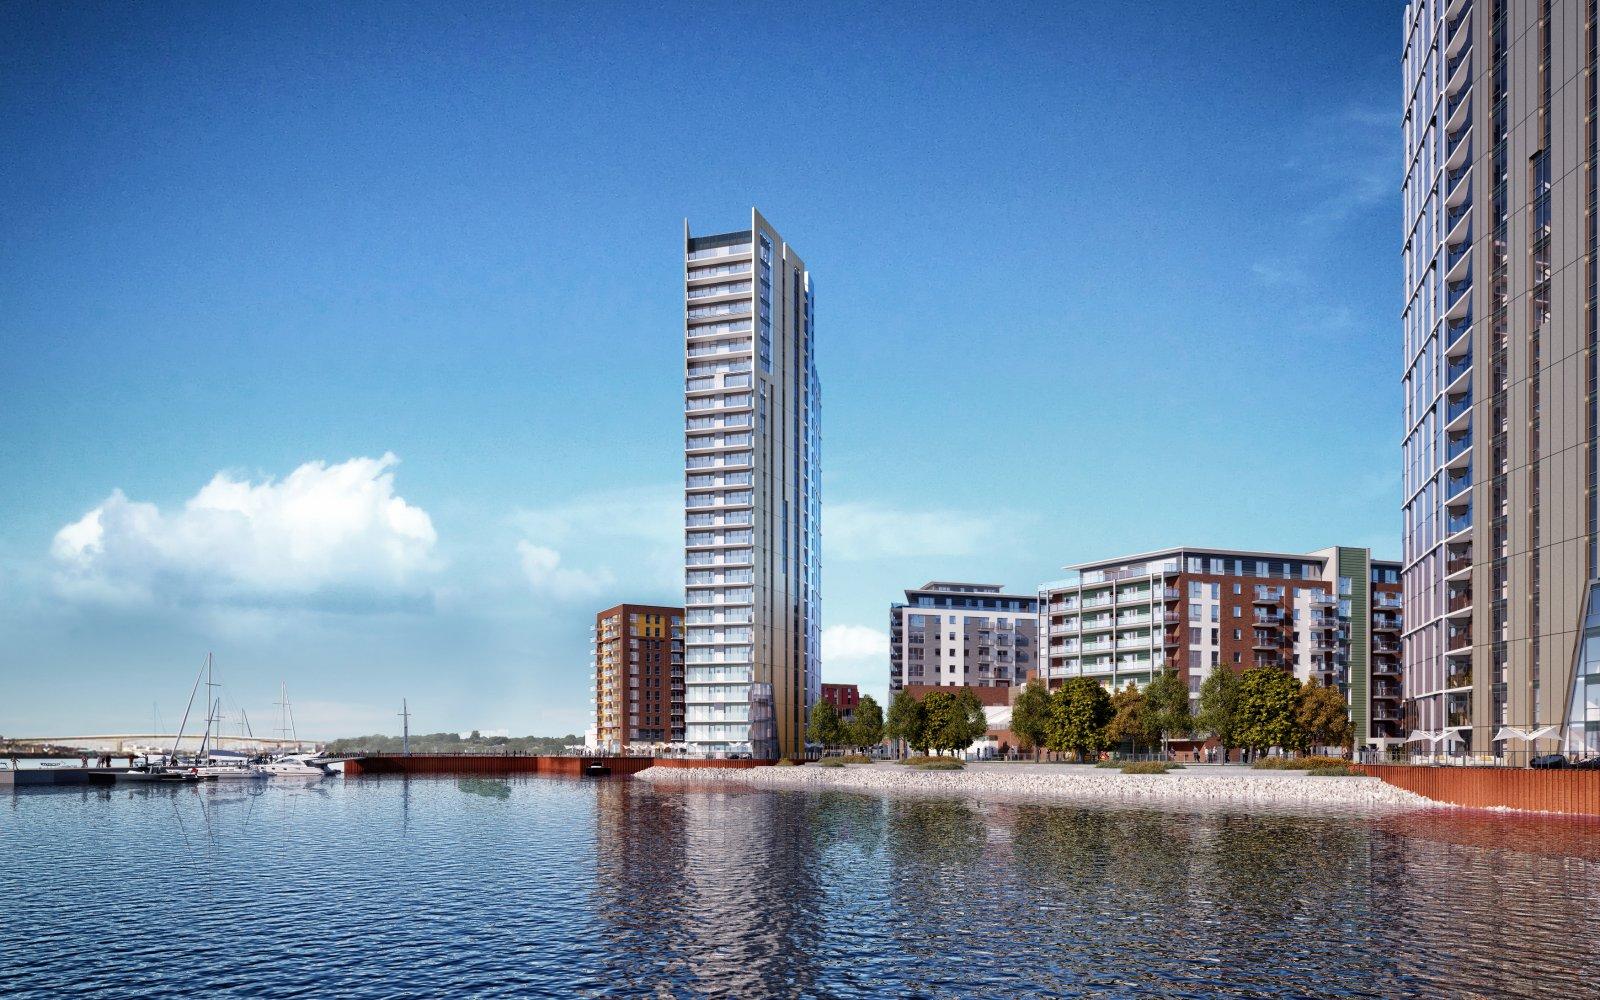 Centenary Quay Tower